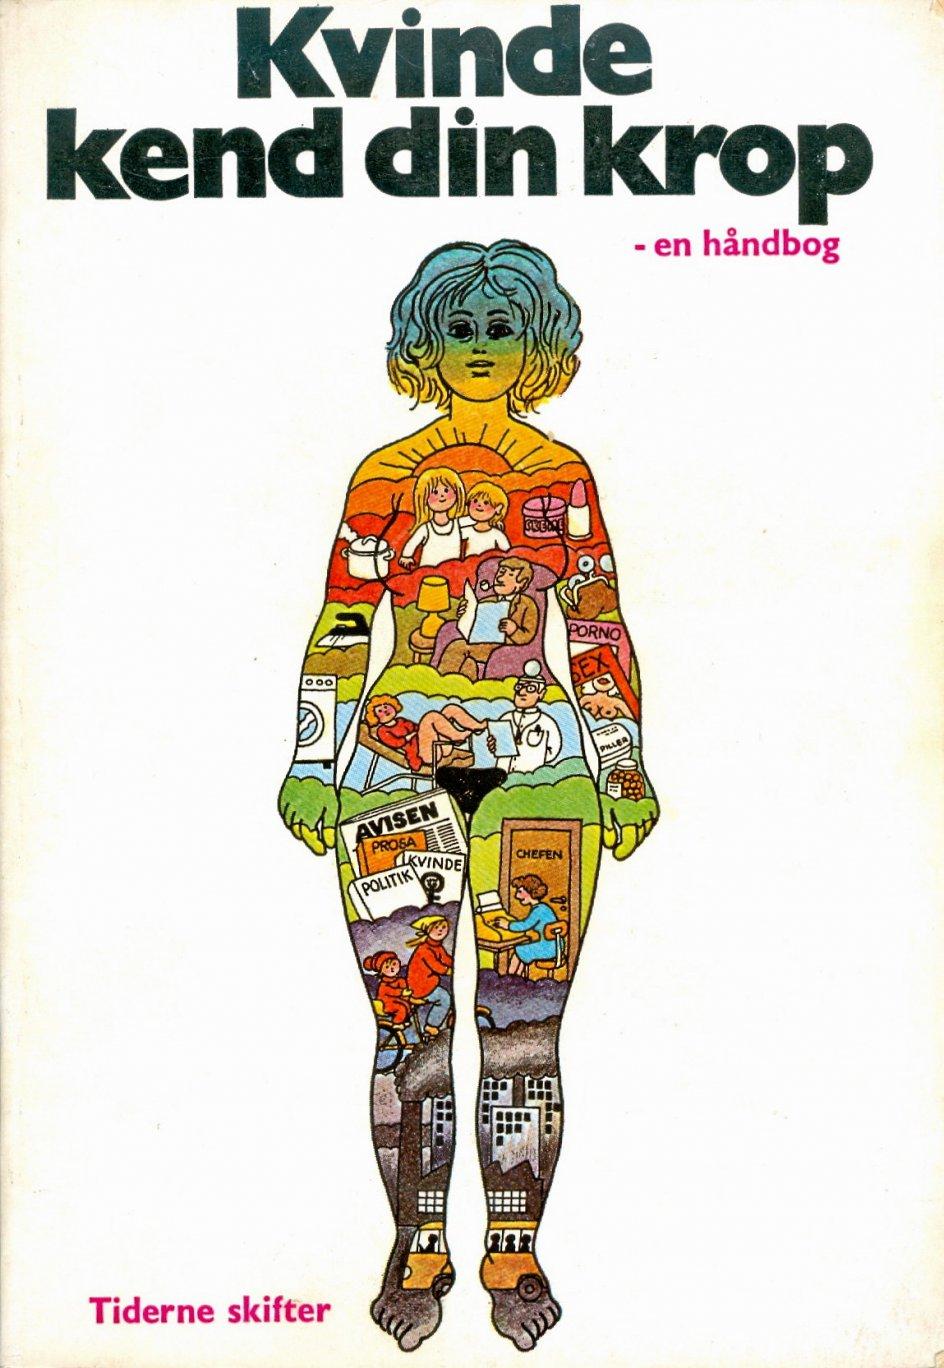 """""""Kvinde kend din krop"""" fra 1975 var en håndbog med det formål at give kvinder viden om deres krop – og på den måde modvirke kvindeundertrykkelse i samfundet. Her er kvinder til en kvindefestival i samtiden. – Foto: Sonja Iskov/BAM/Ritzau Scanpix."""